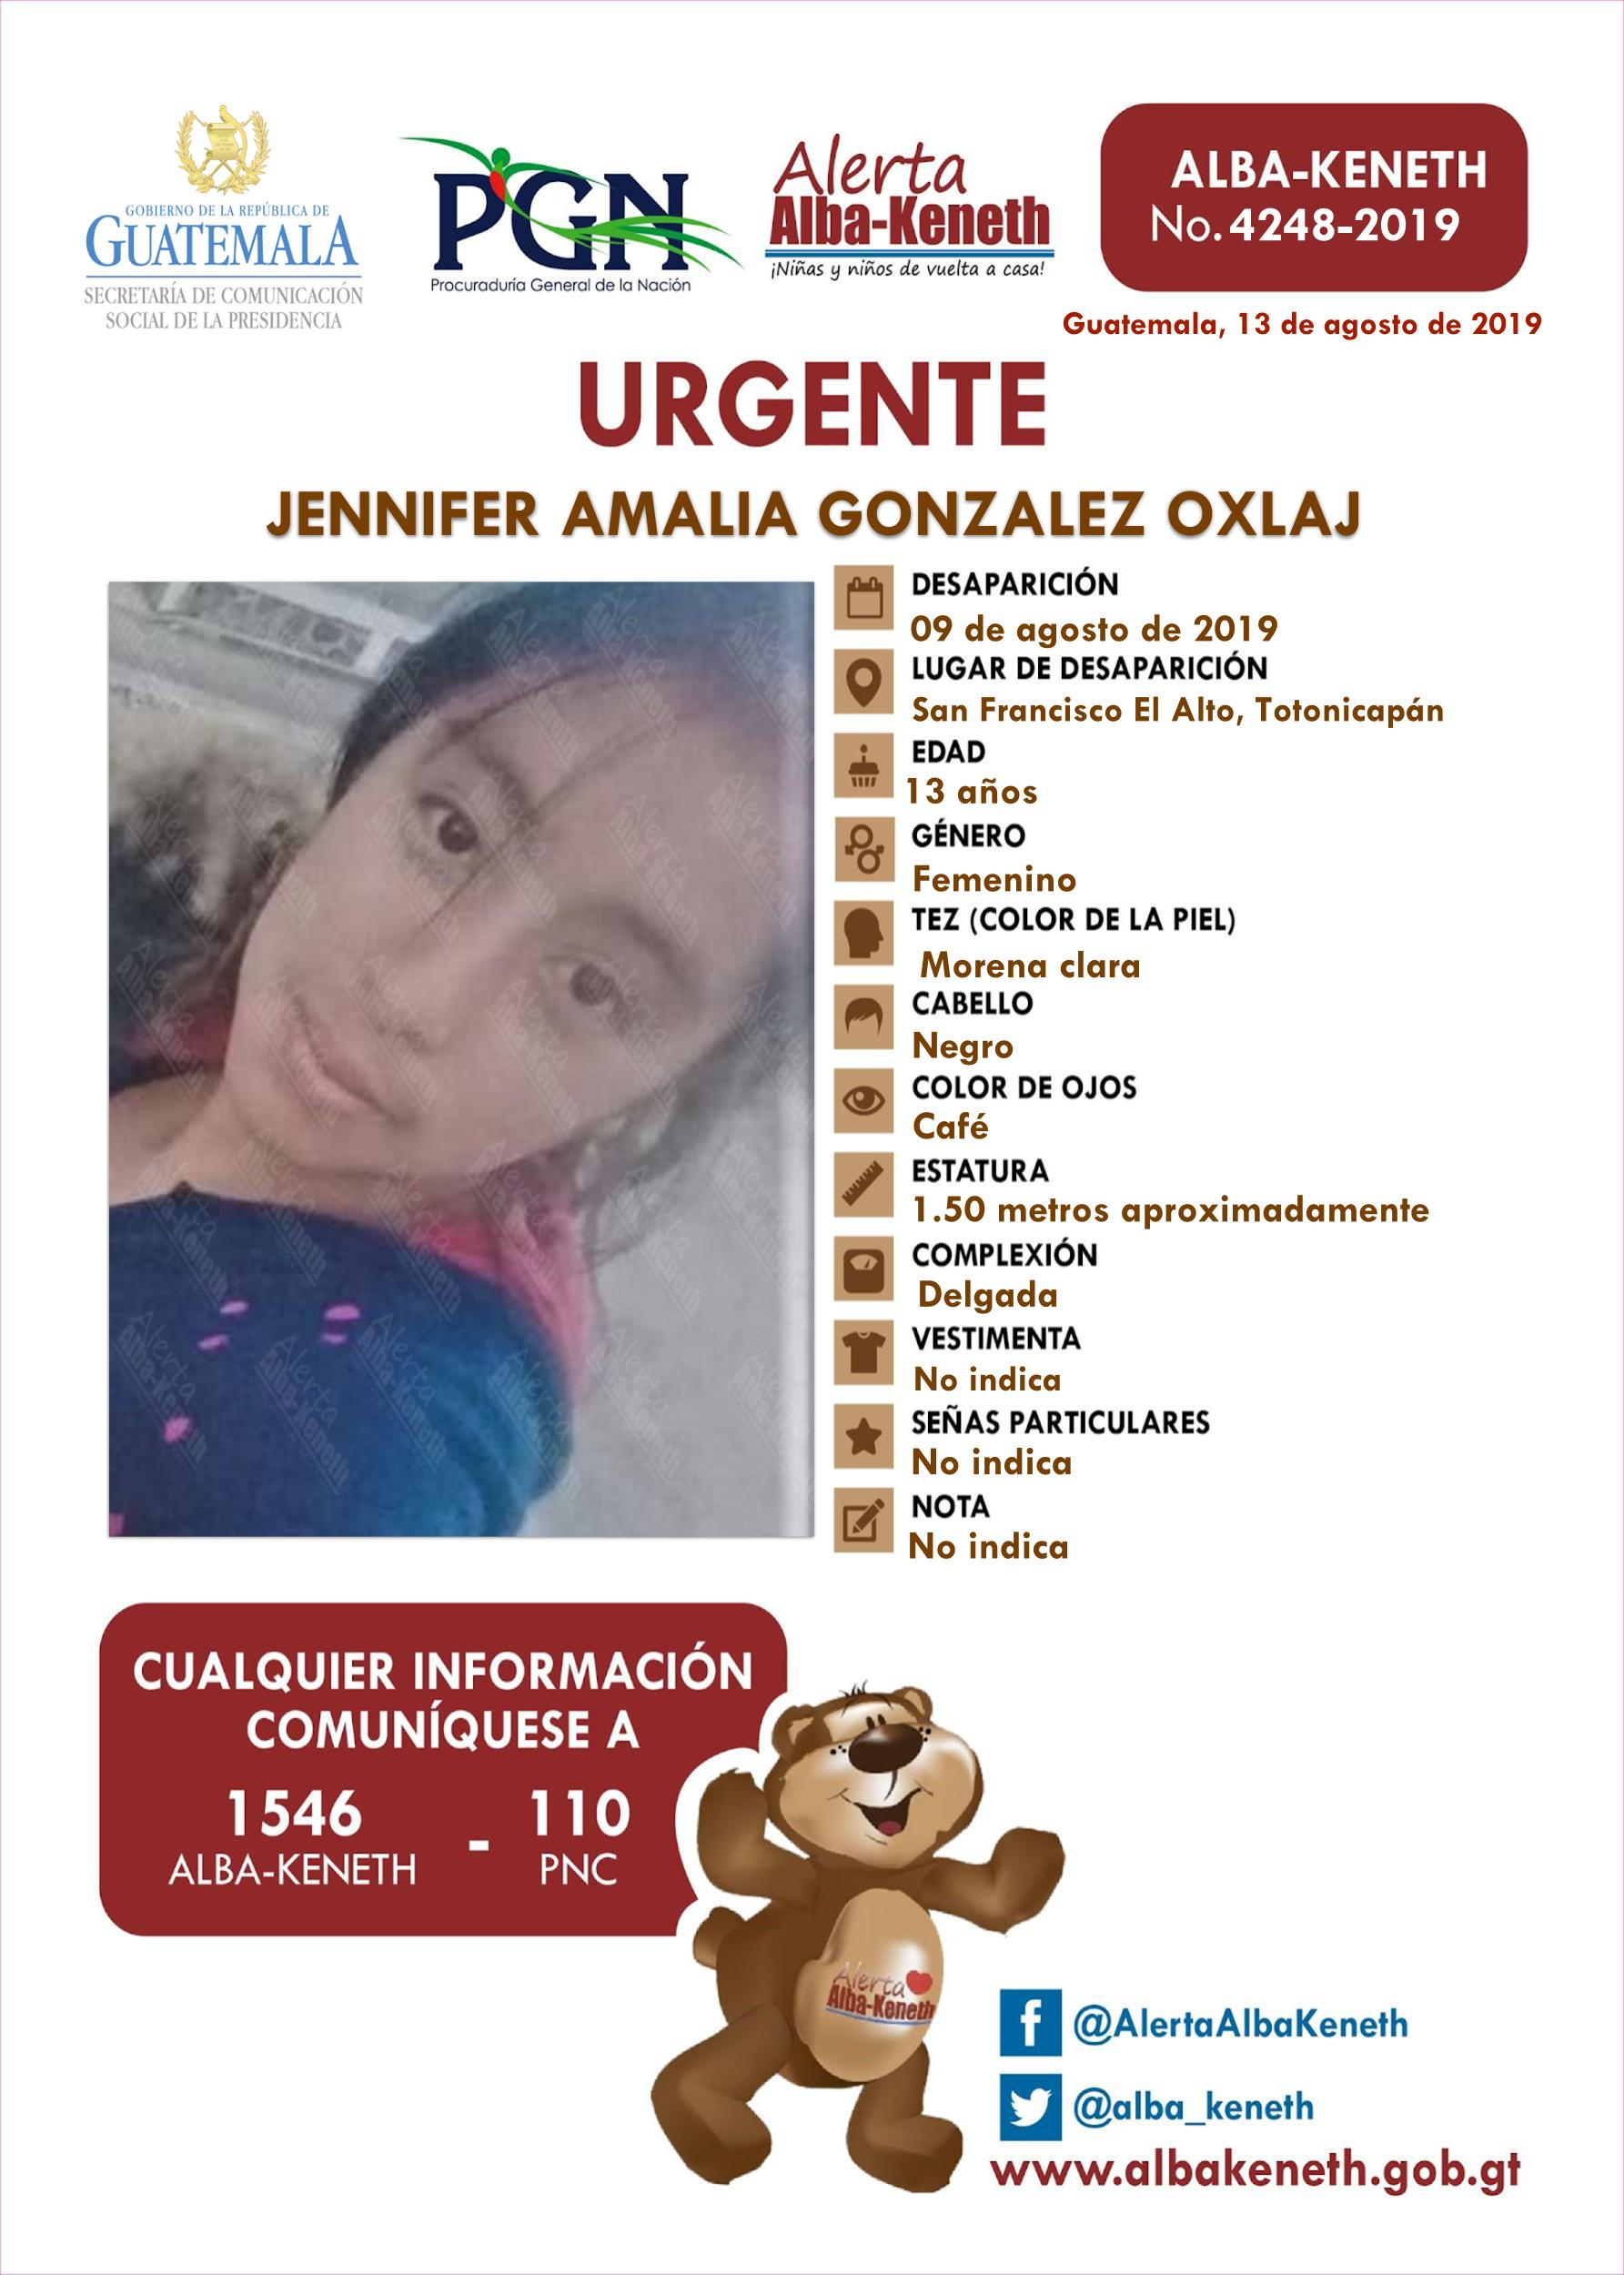 Jennifer Amalia Gonzalez Oxlaj